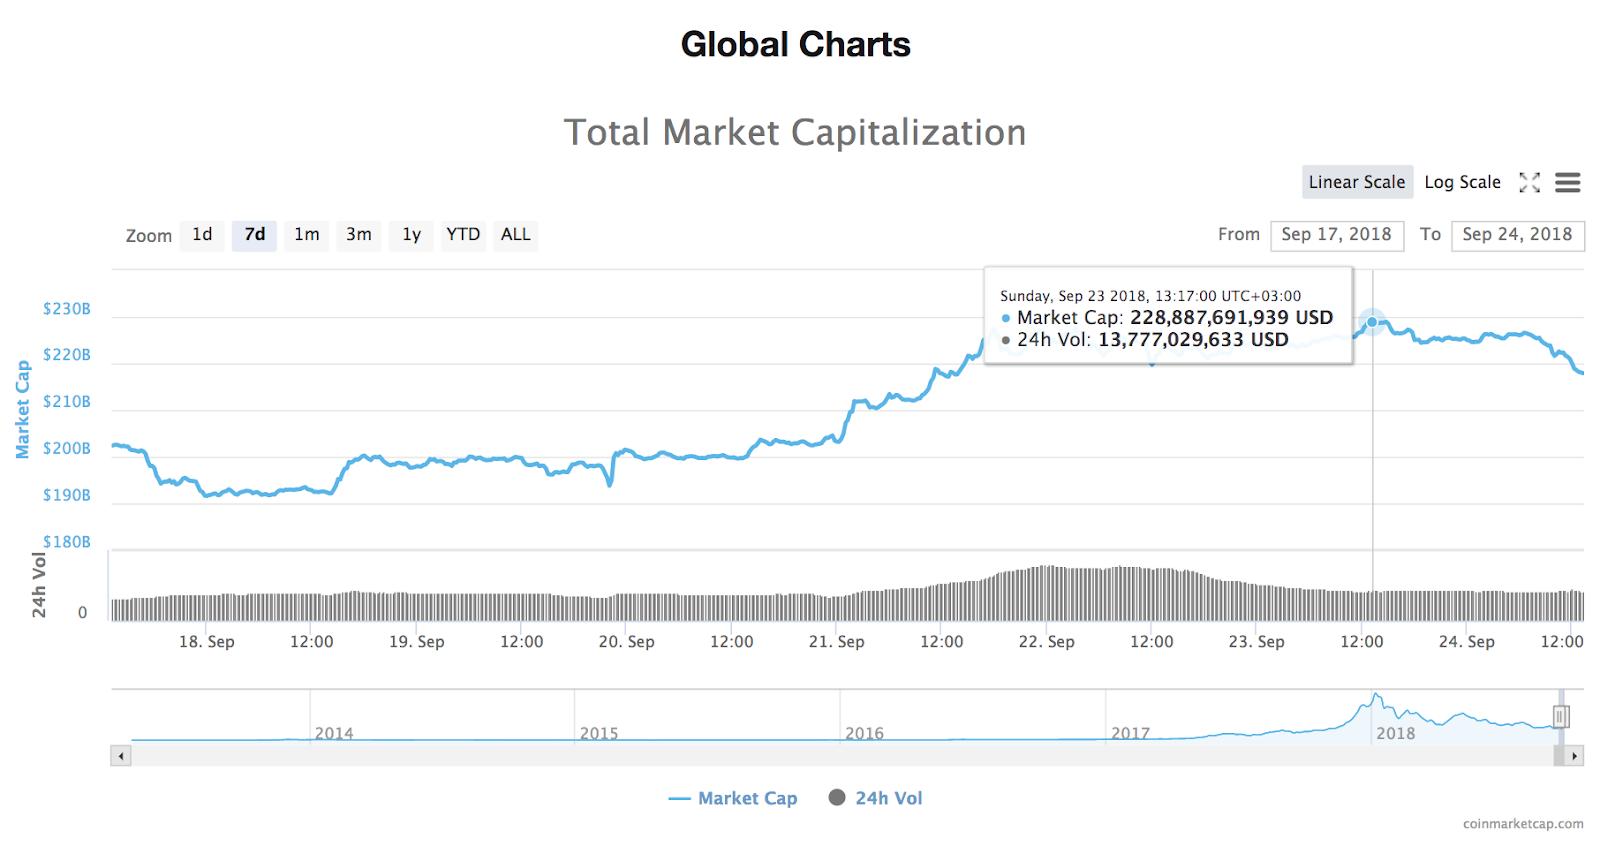 24-Stunden-Chart der Gesamtmarktkapitalisierung aller Kryptowährungen